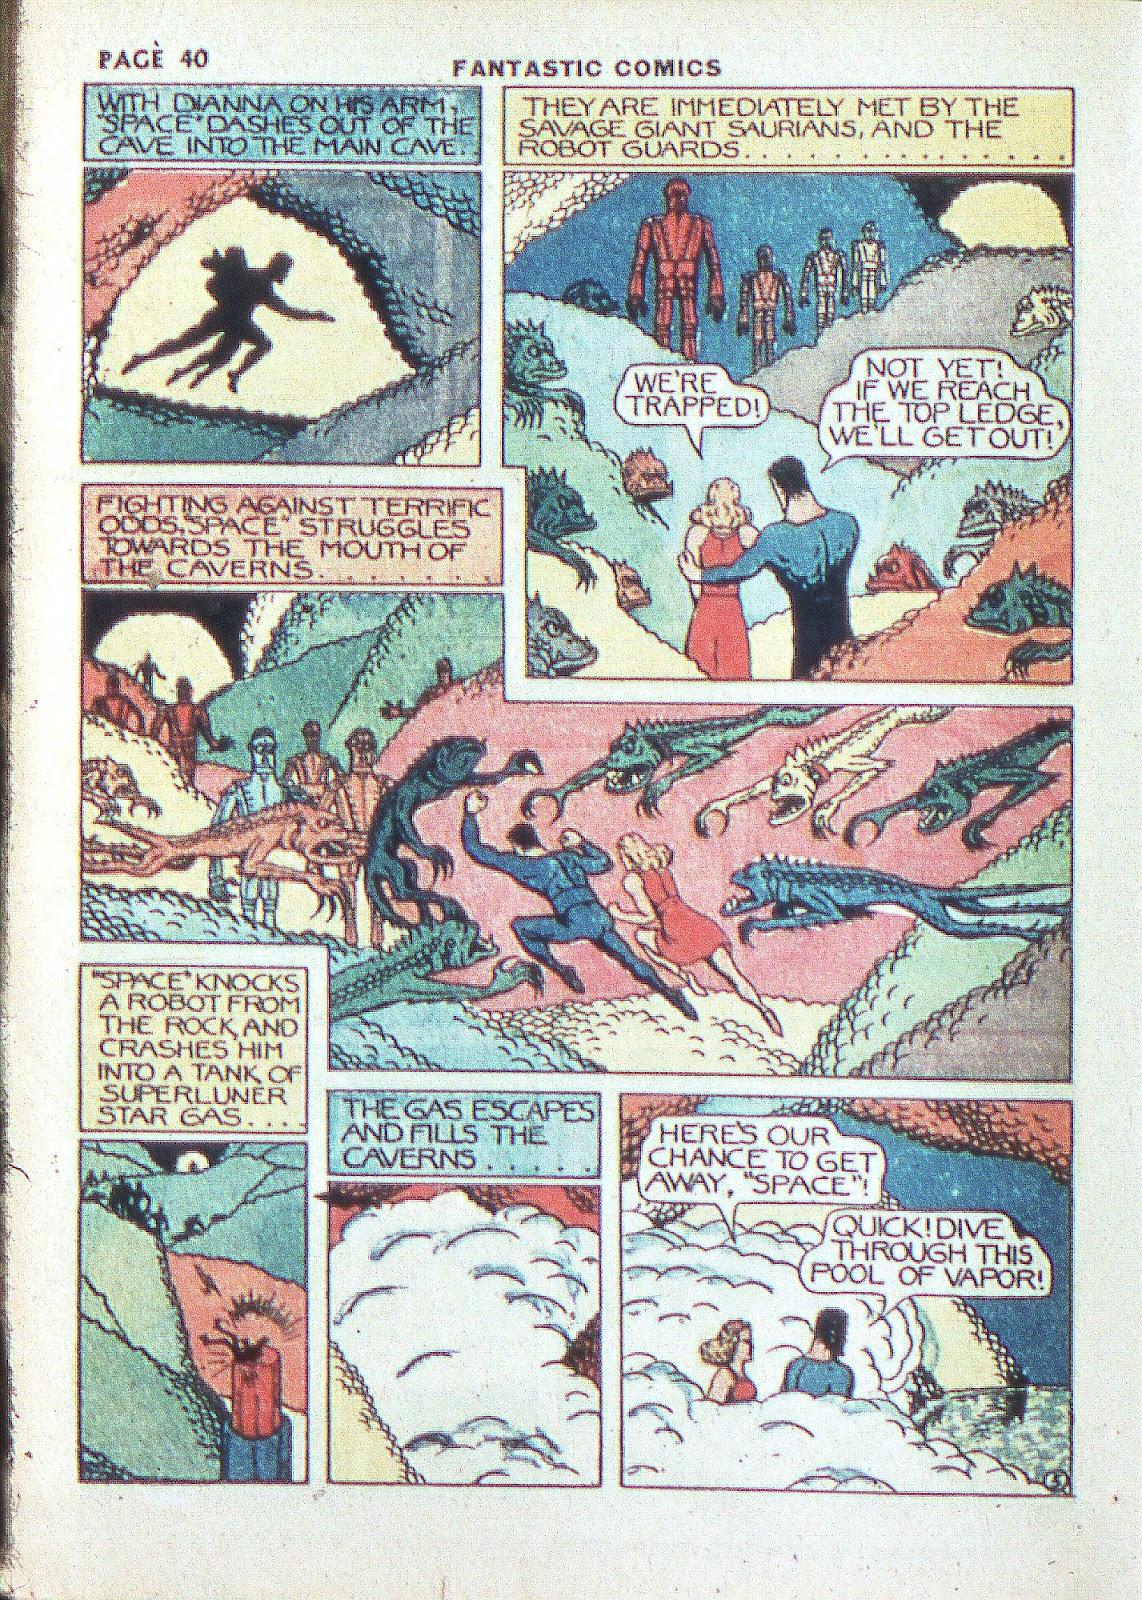 Read online Fantastic Comics comic -  Issue #3 - 42